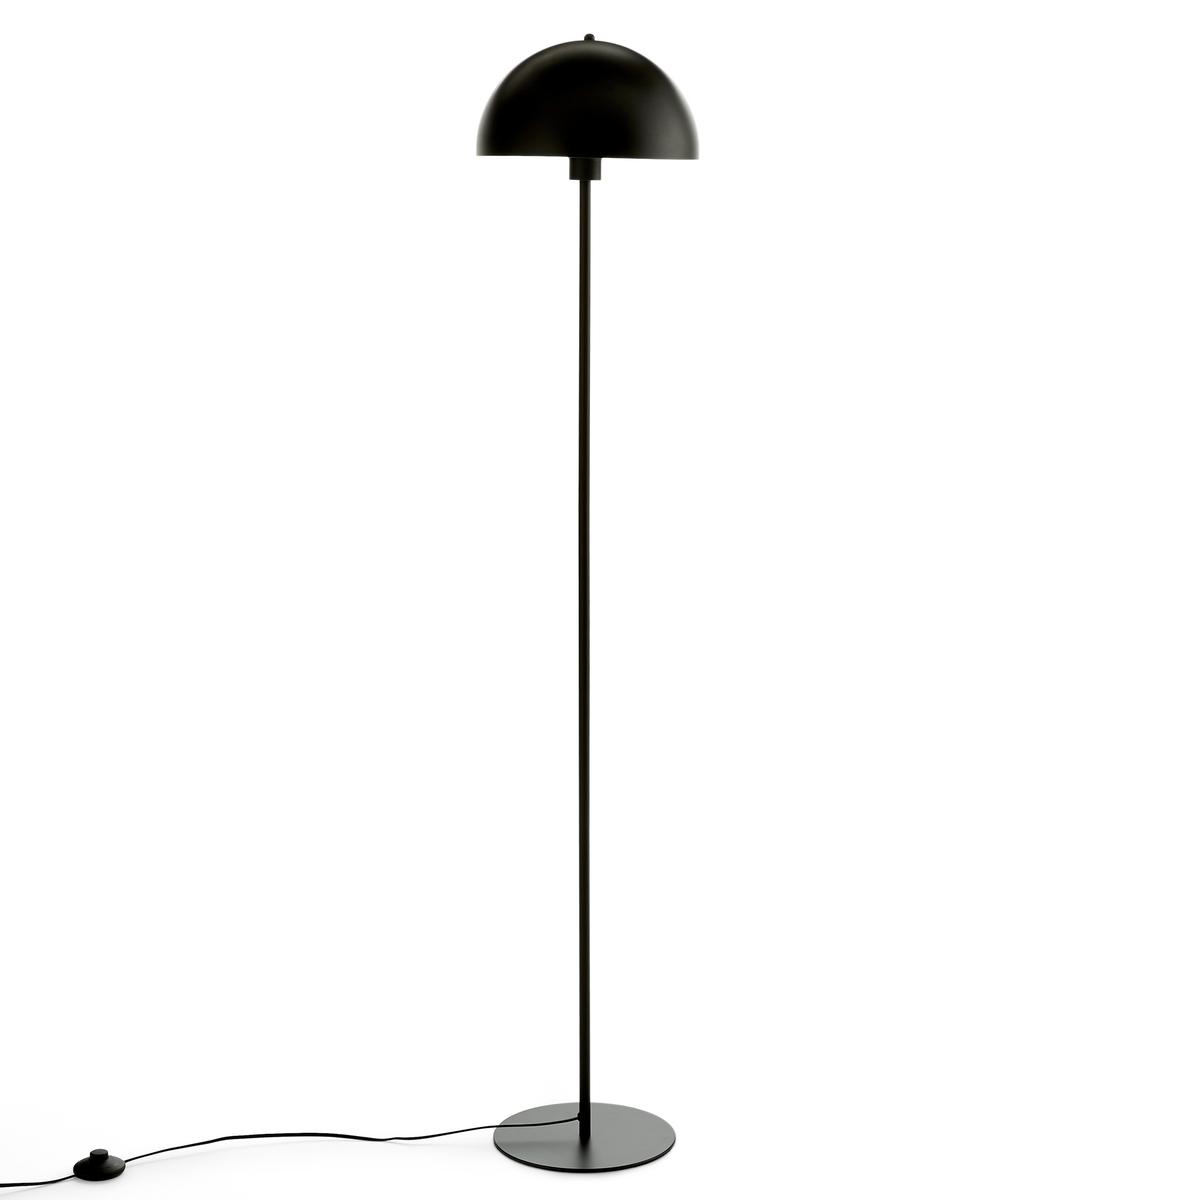 Лампа напольная из металла, CAPIОписание:Напольная лампа из металла CAPI. Самый современный дизайн.Описание напольной лампы CAPI :Патрон E27 для флуокомпактной лампы макс. 15 Вт (продается отдельно). Совместима с лампой класса энергопотребления AХарактеристики напольной лампы CAPI :Из металла, покрытие матовым эпоксидным лакомВсю коллекцию светильников вы можете найти на сайте laredoute.ruРазмеры напольной лампы CAPI :Высота : 150 см. Диаметр : 30 см<br><br>Цвет: белый<br>Размер: единый размер